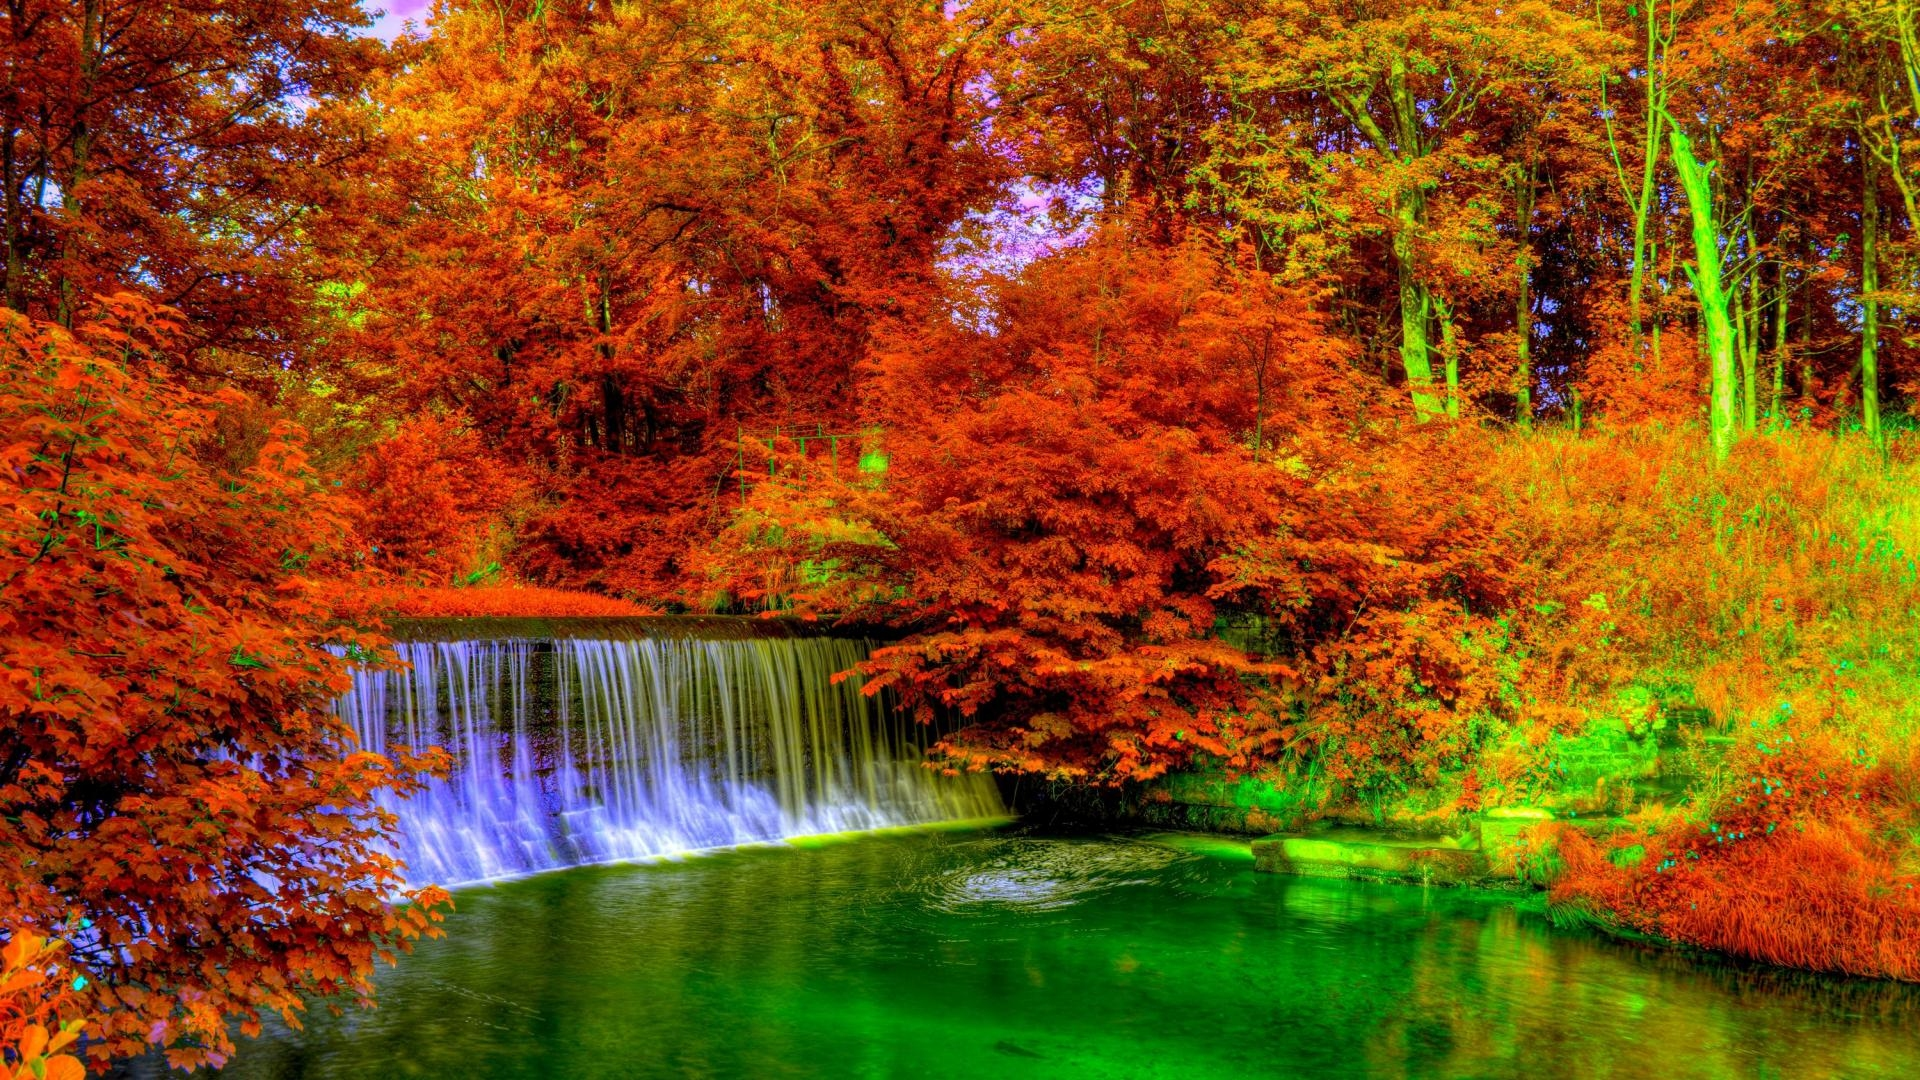 Magnifique cascade en automne 1920x1080